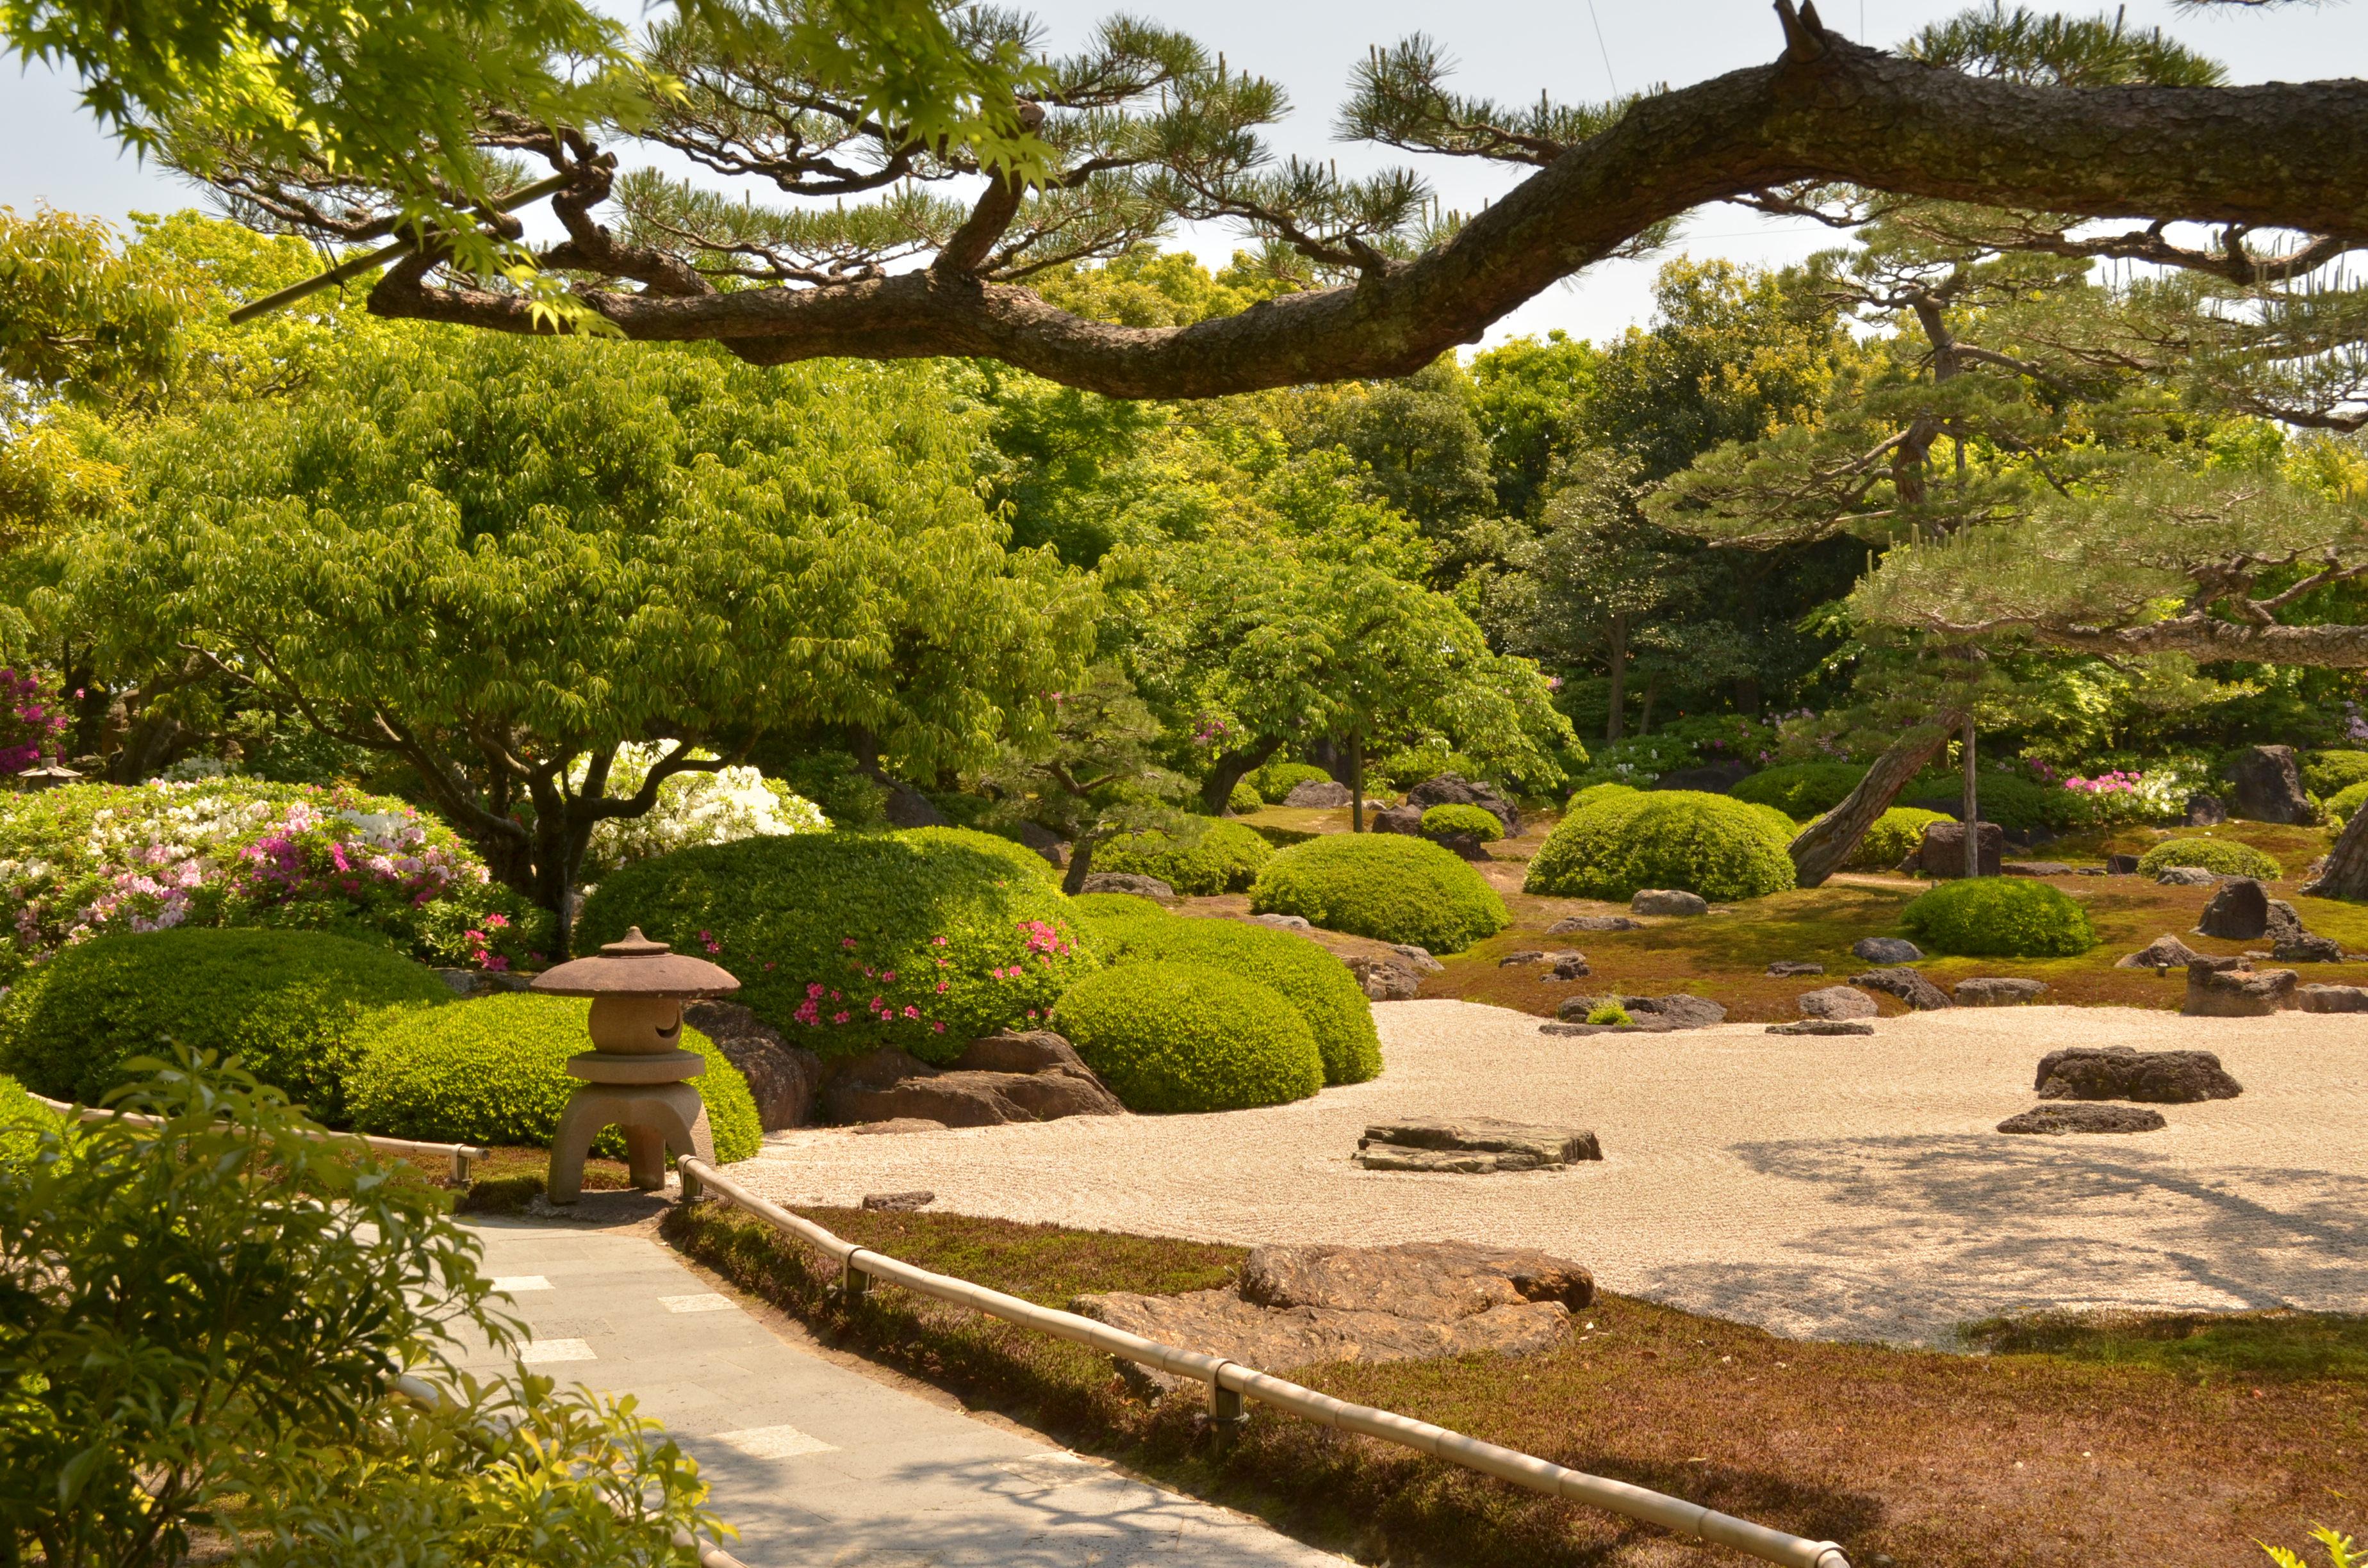 Le jardin japonais yushien d couvrez matsue - Le manuel des jardins agroecologiques ...